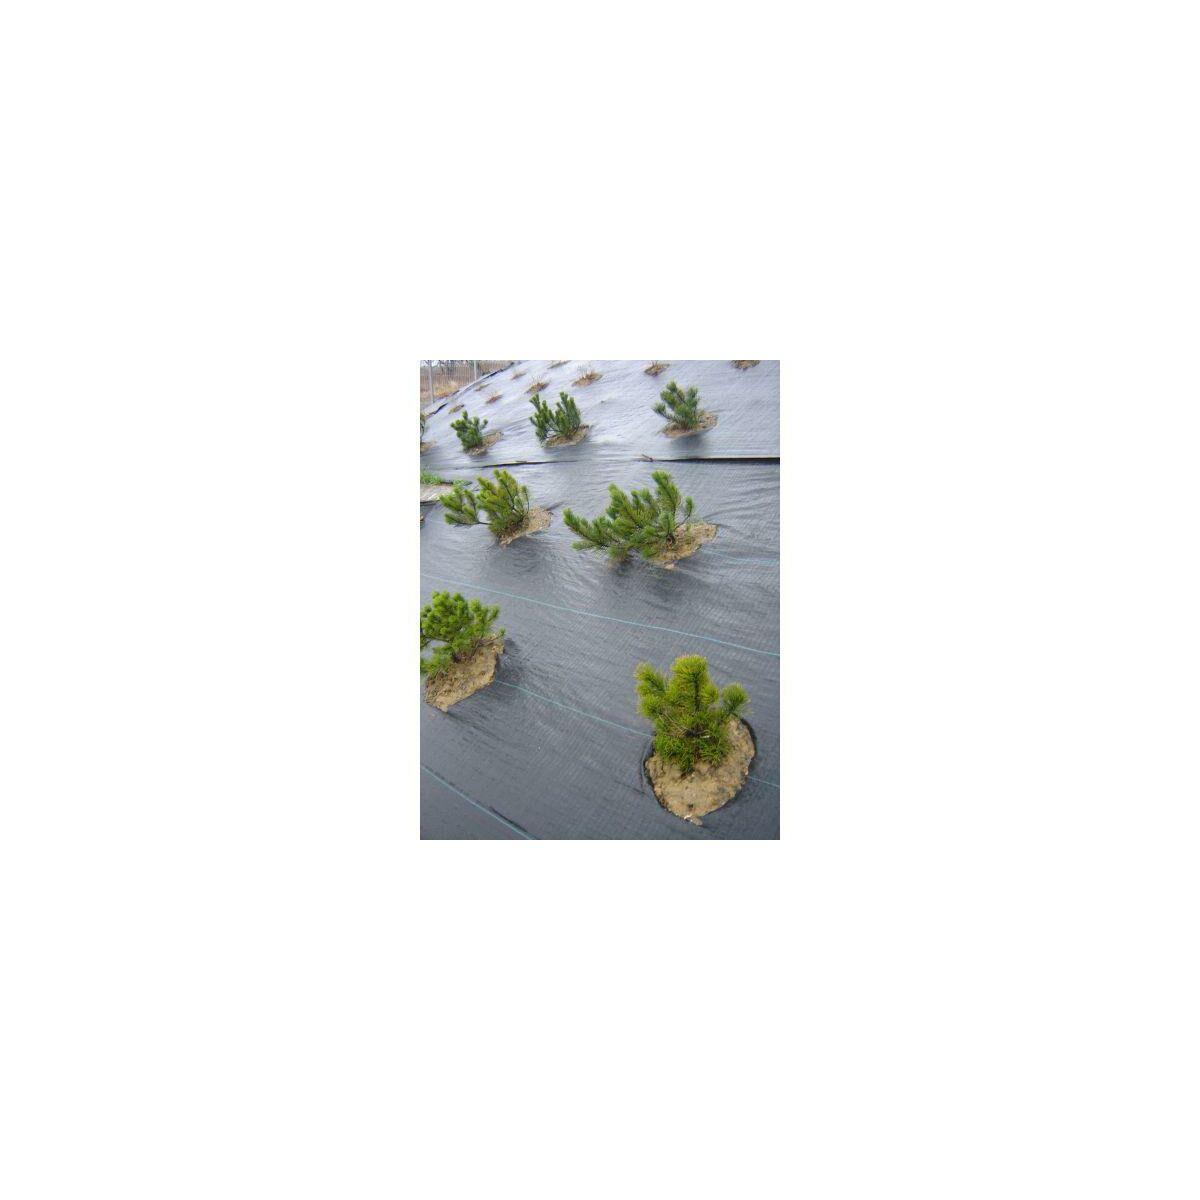 Tkanina Ogrodnicza 1 6m 95g M2 Czarna Agrowlokniny Tkaniny Sciolkujace W Atrakcyjnej Cenie W Sklepach Leroy Merlin